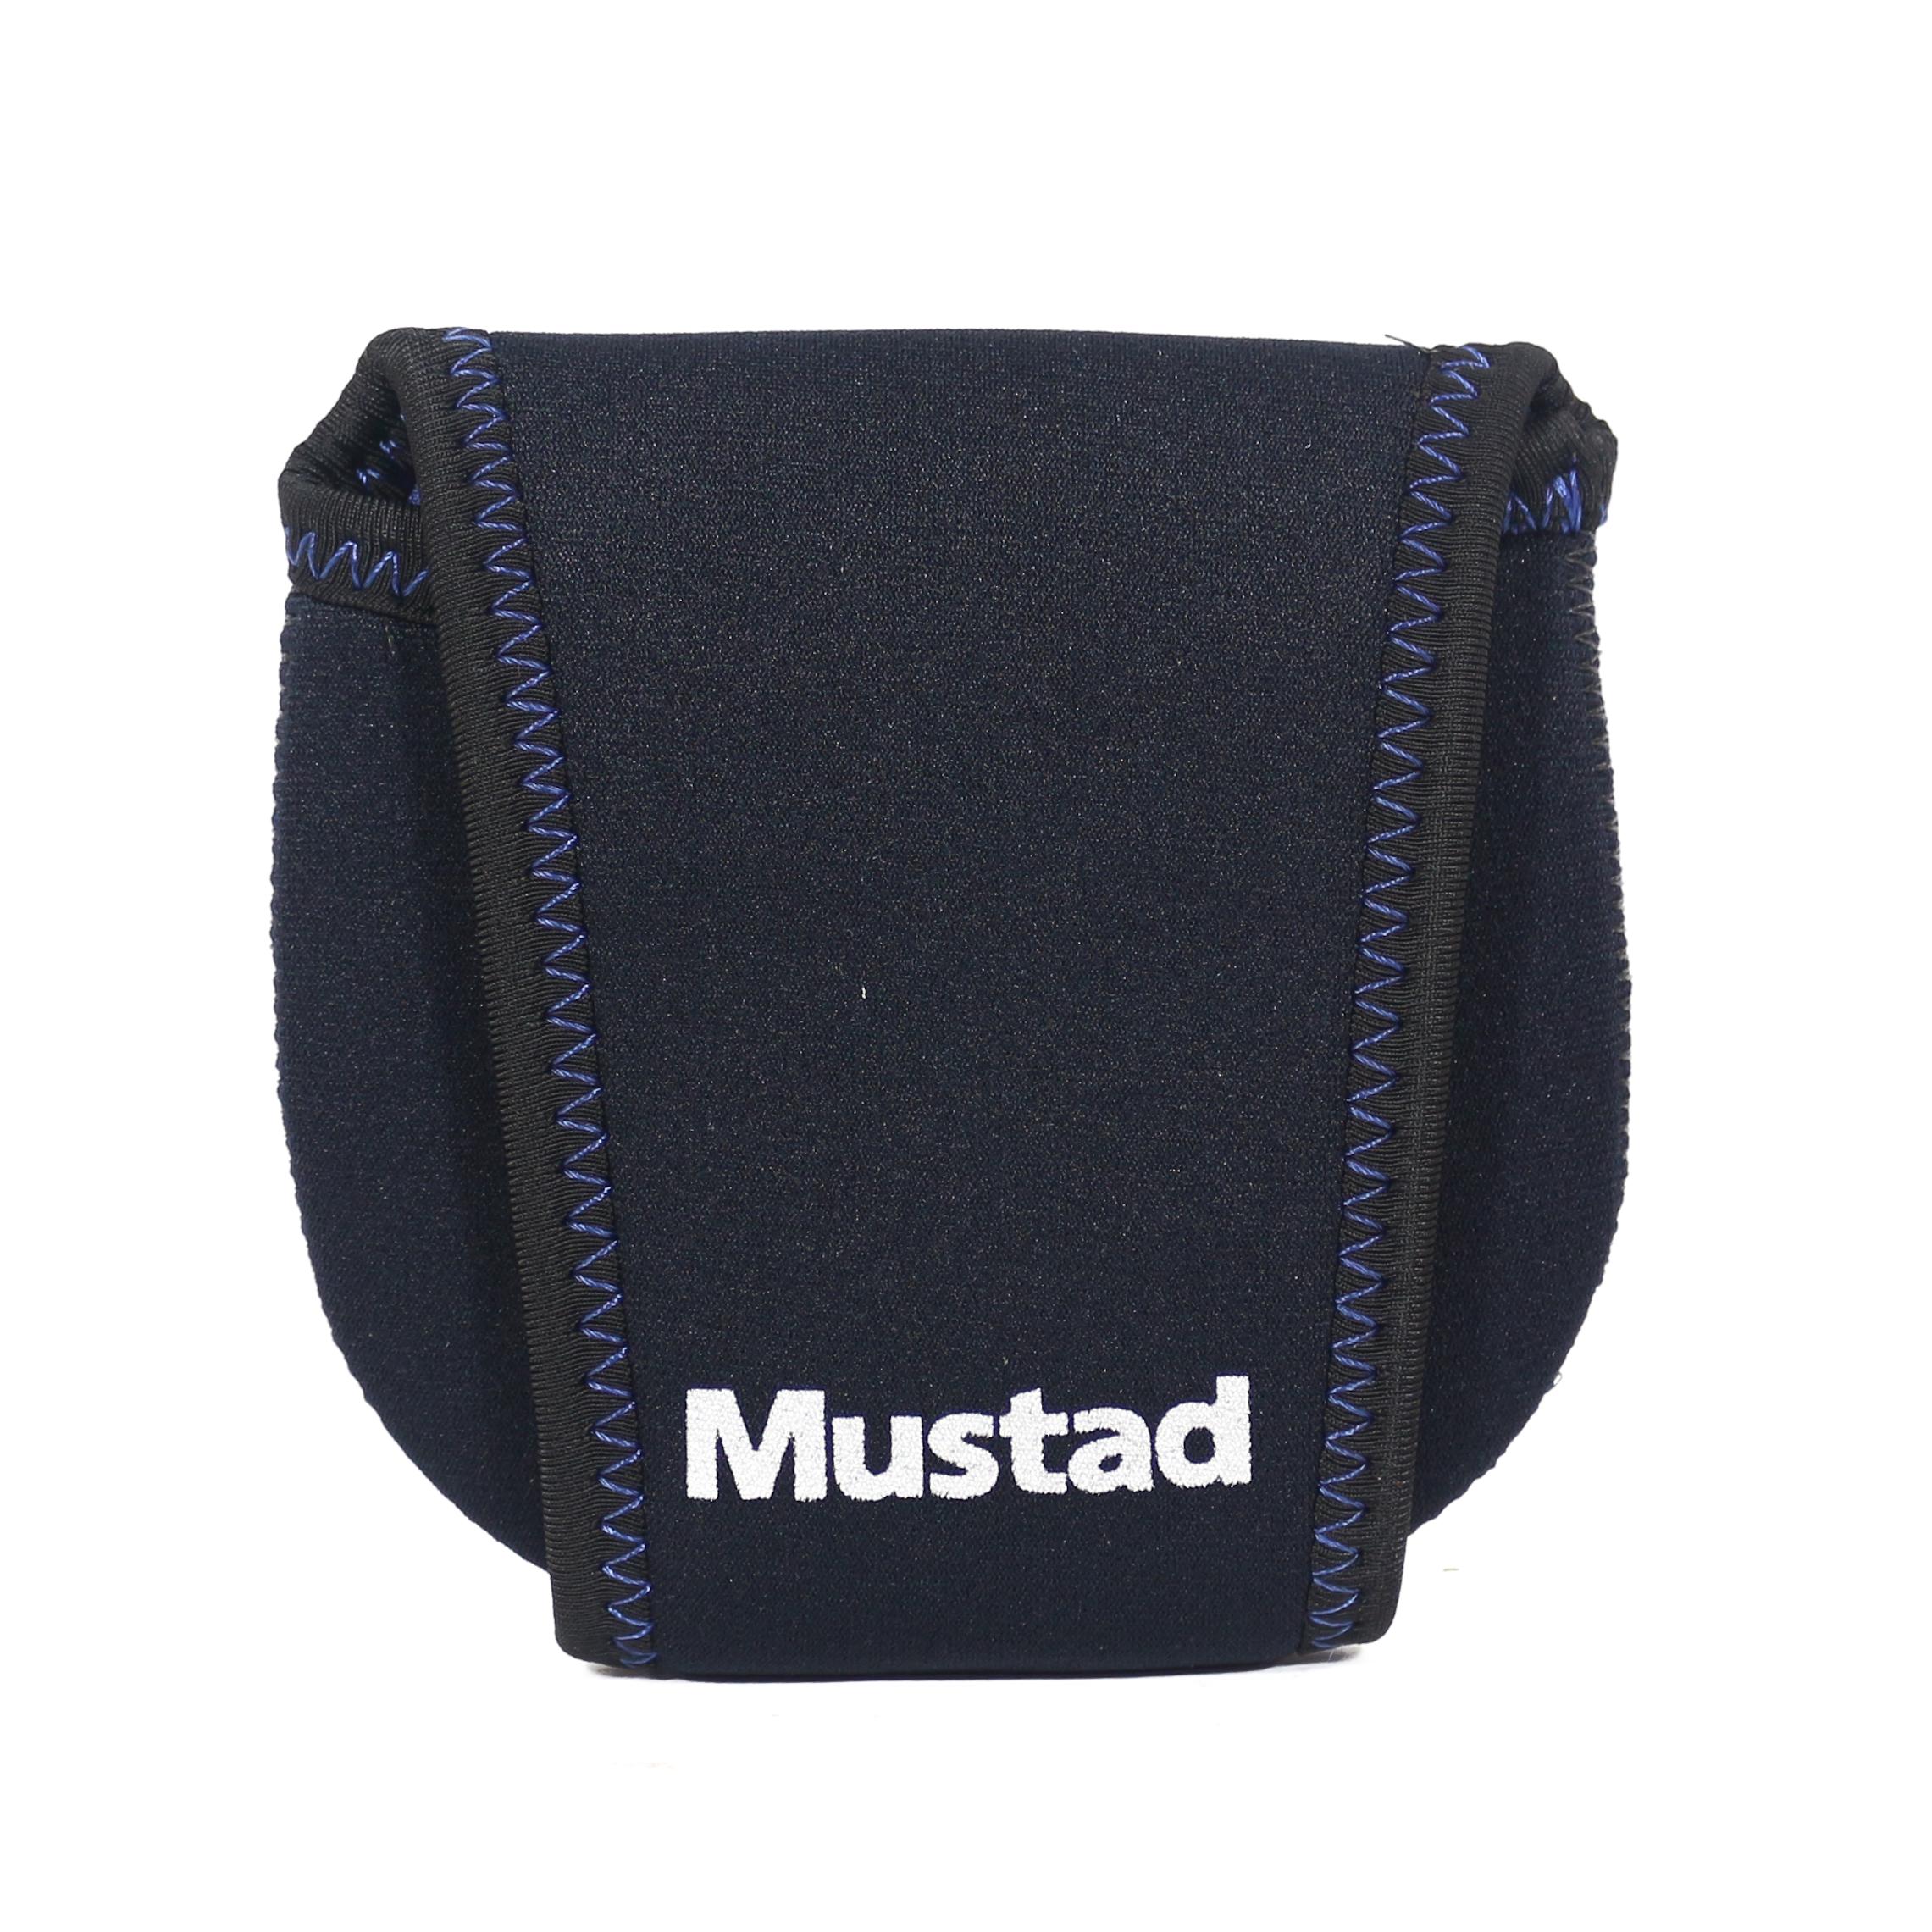 Mustad Reel Case Neoprene Baitcaster Size M Black/Blue (9741)